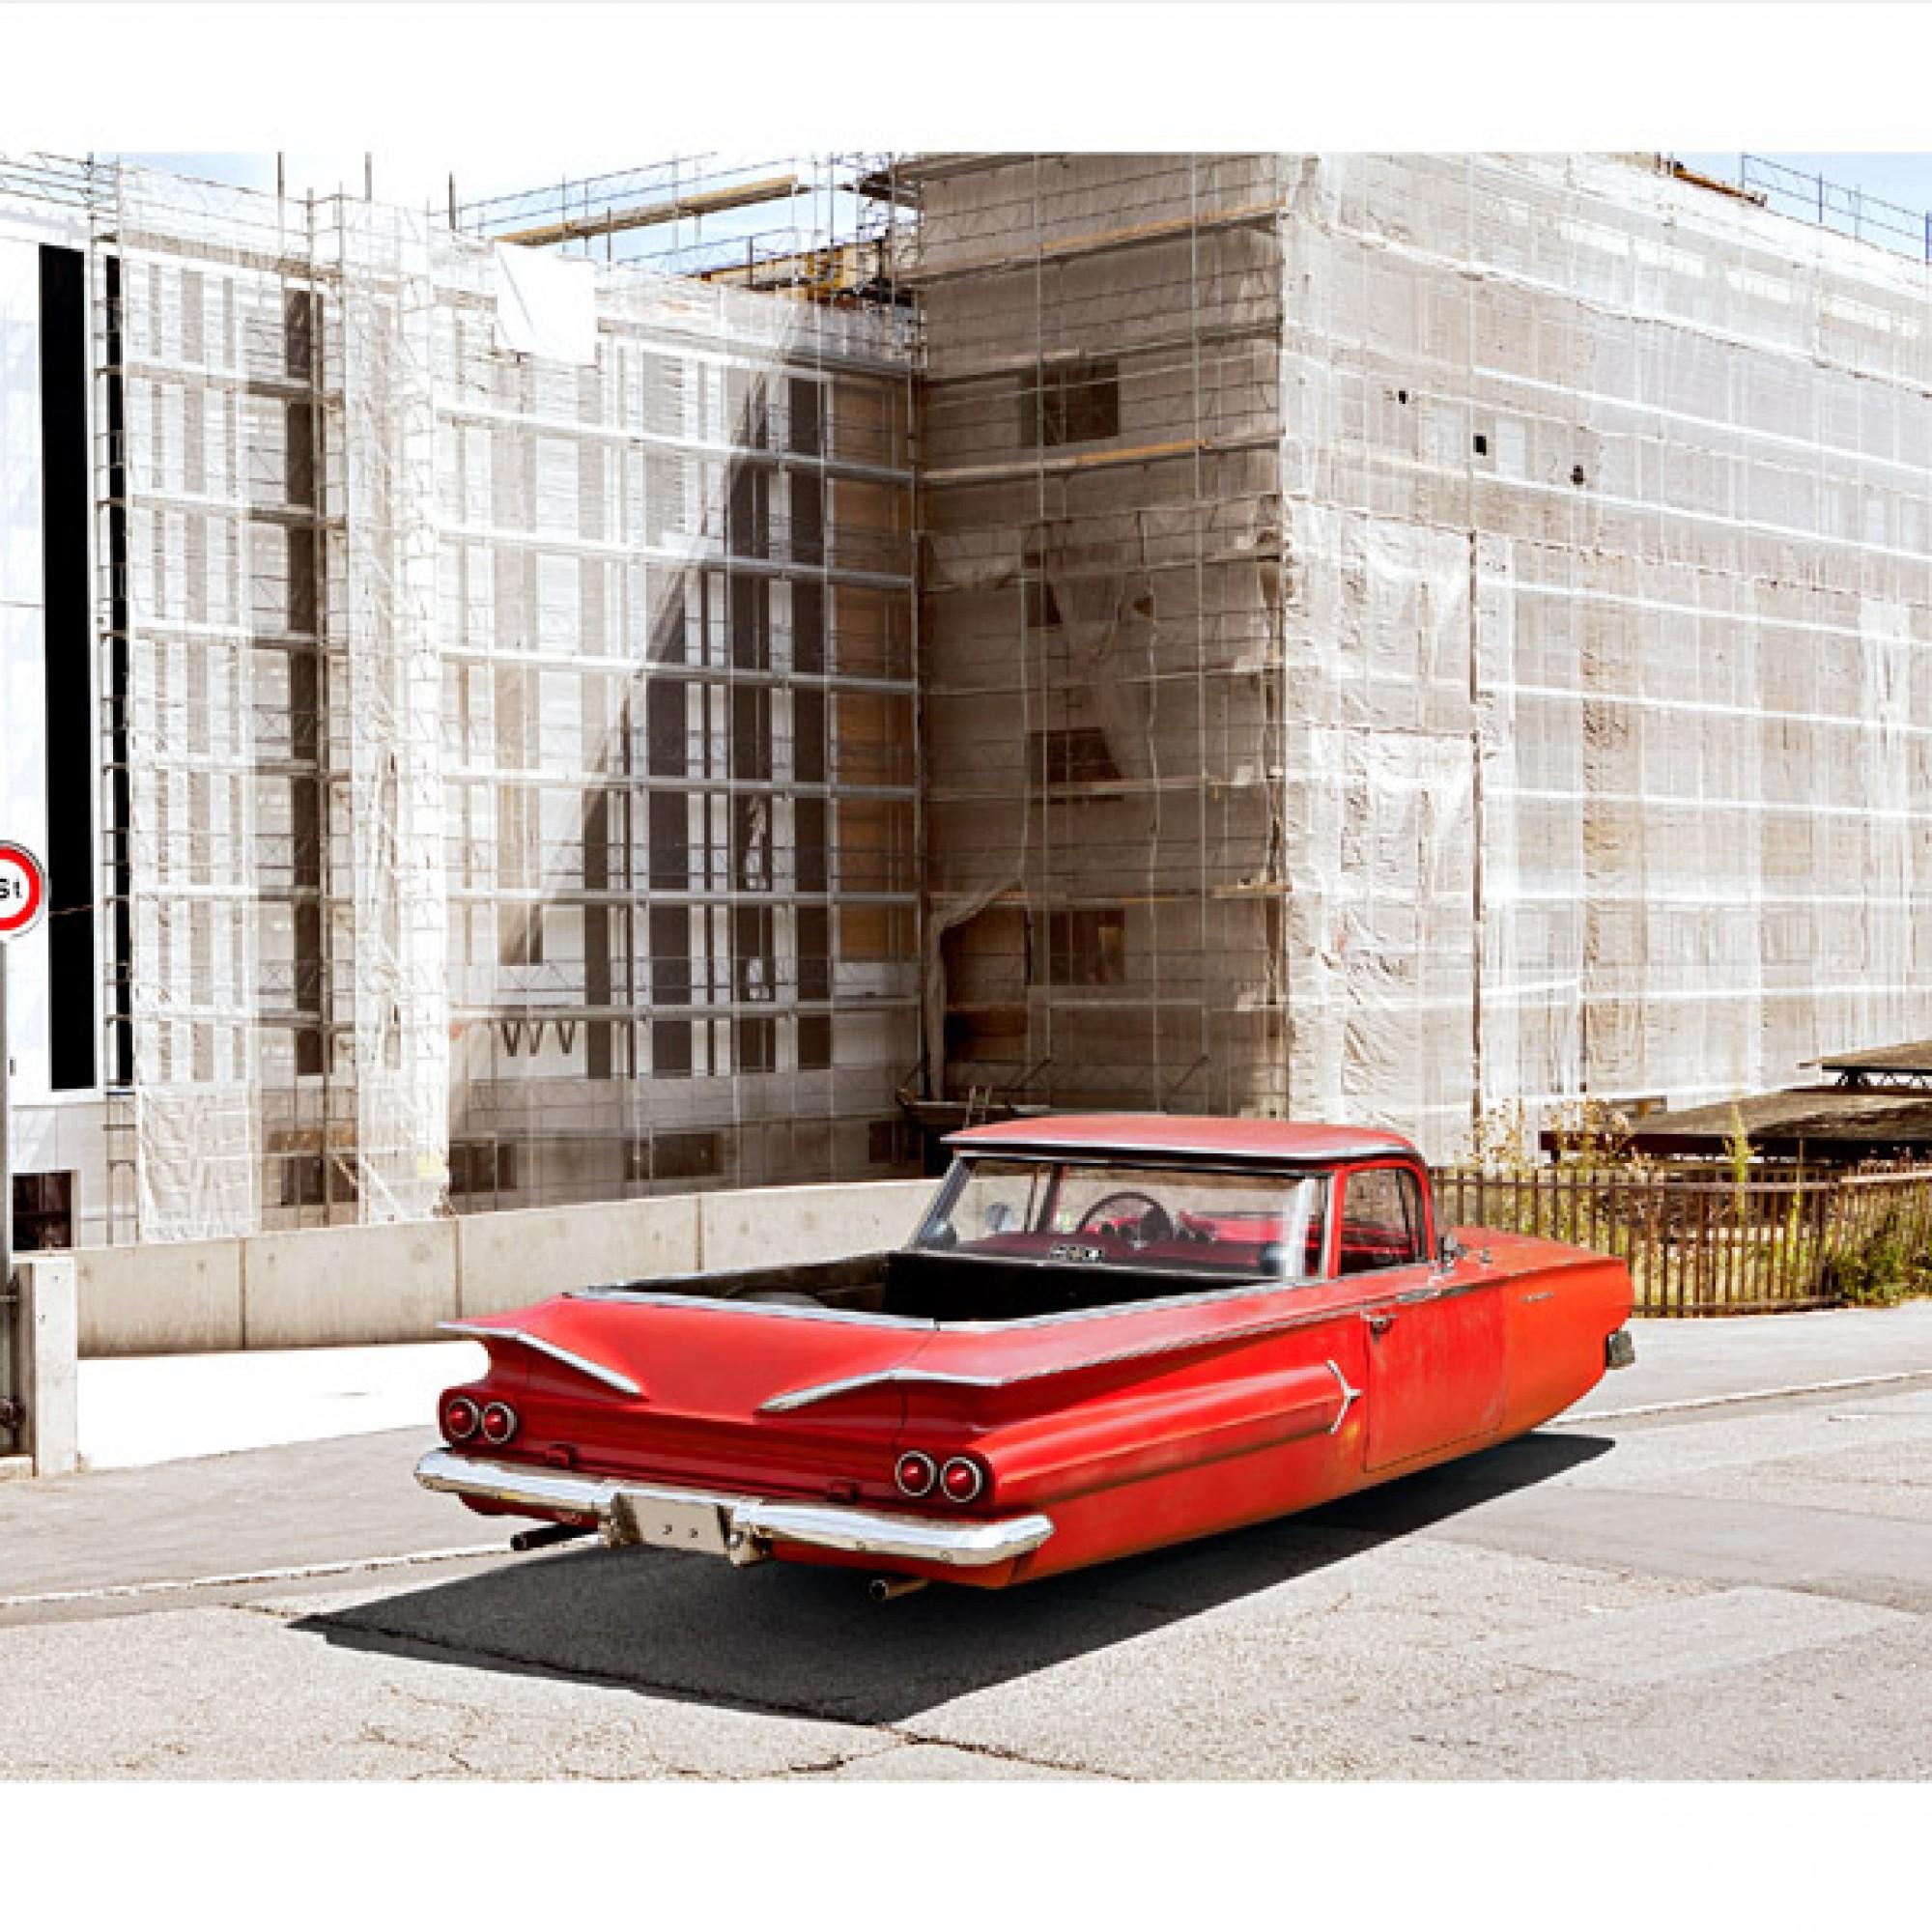 Chevrolet El Camino. (Renaud Marion / M.A.D. Gallery / zvg)